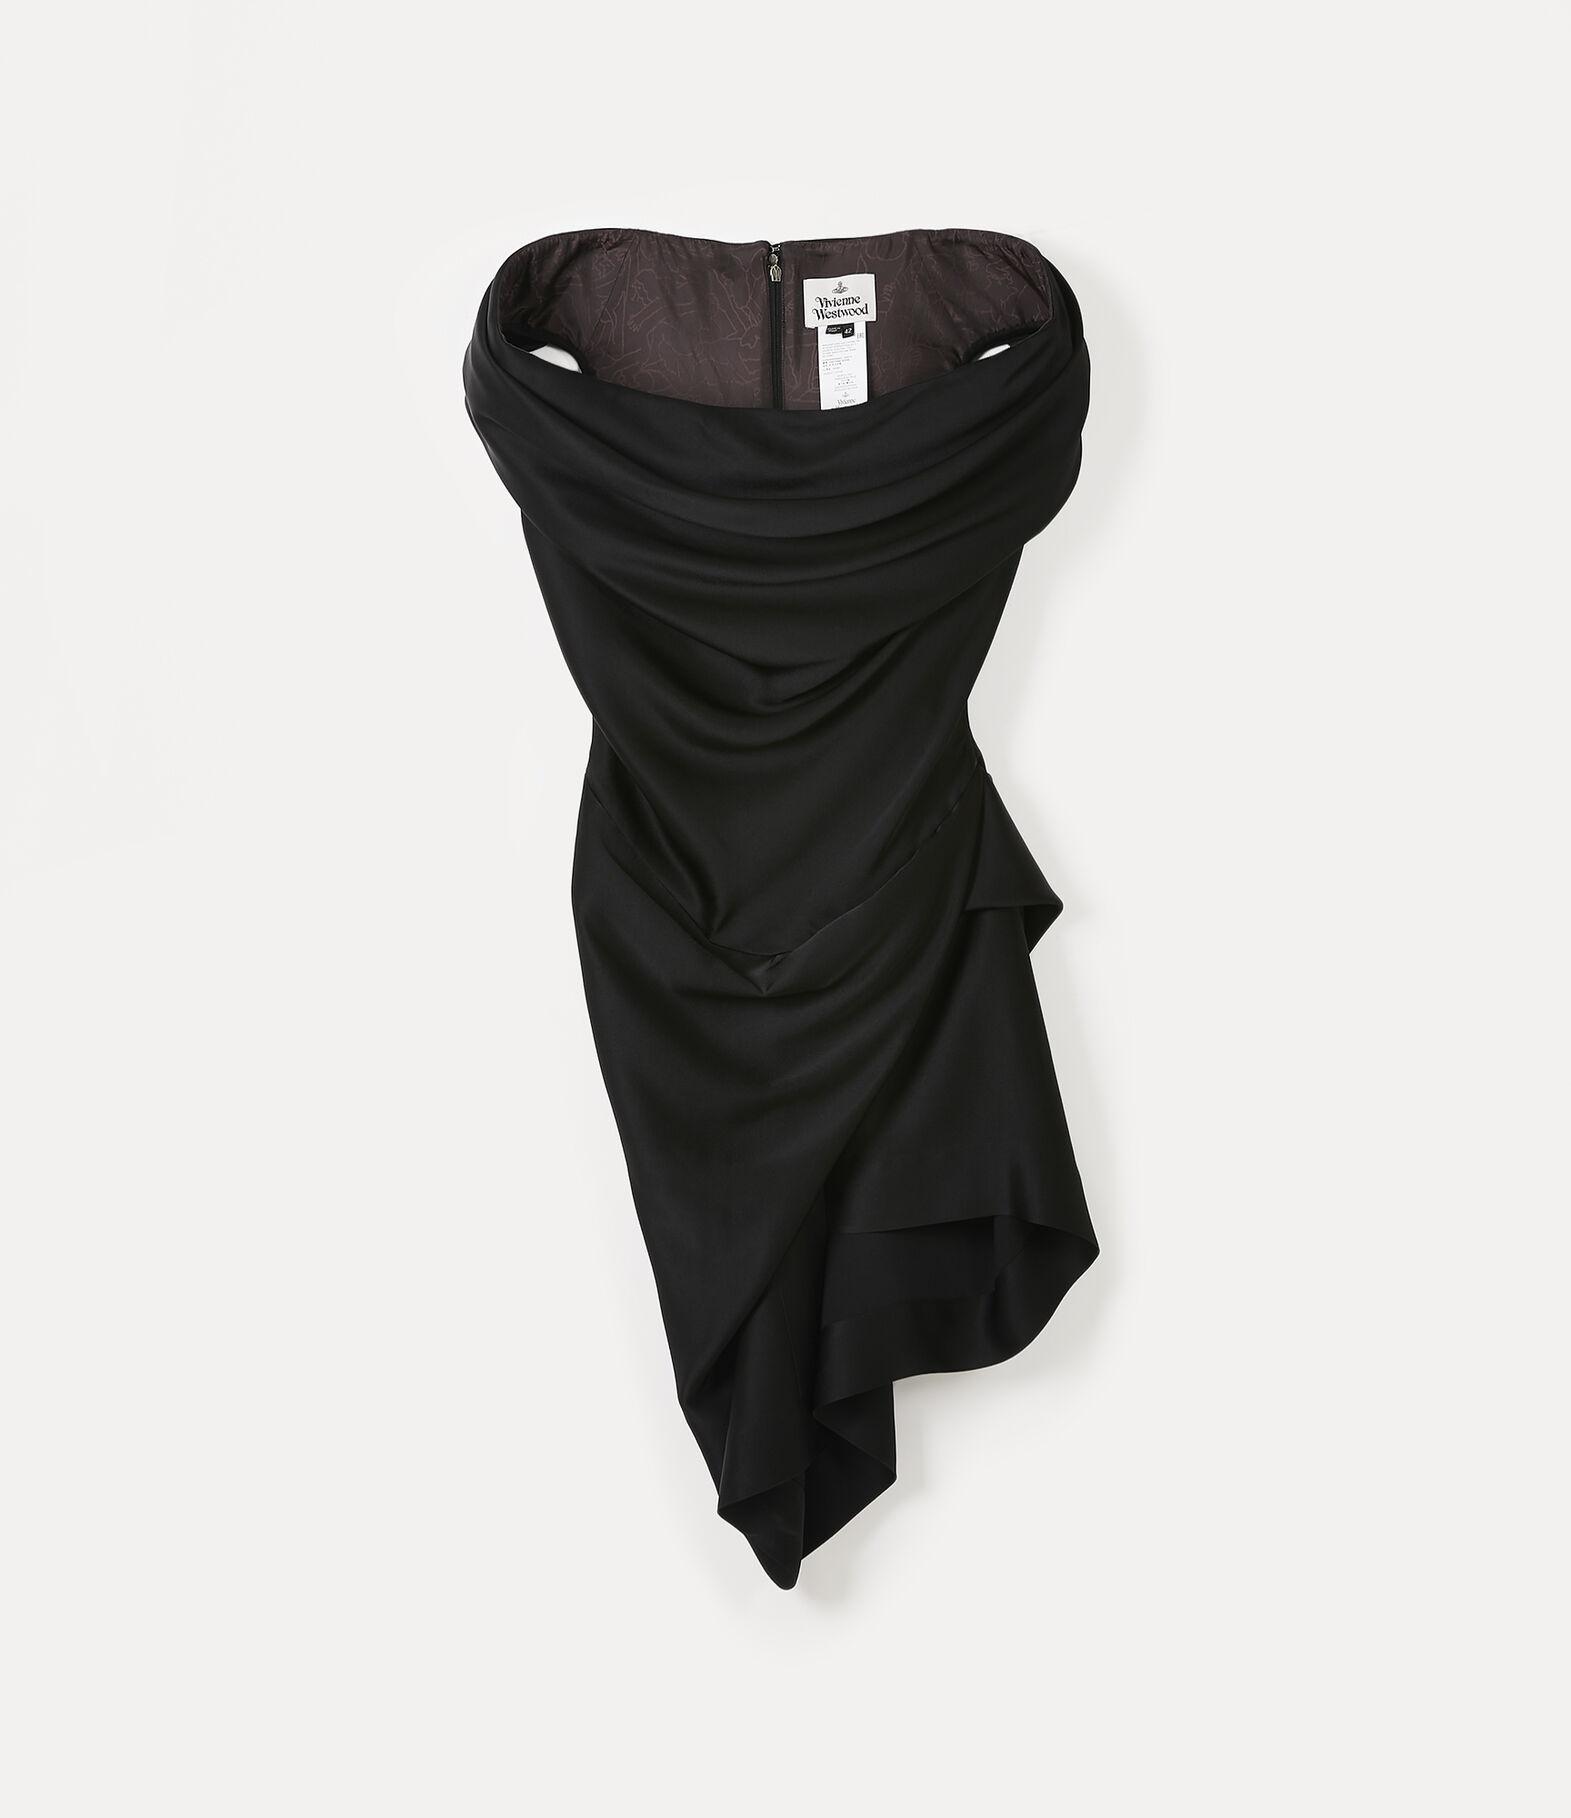 Vivienne Westwood Bekleidung  Kleider Damen  Vivienne Westwood